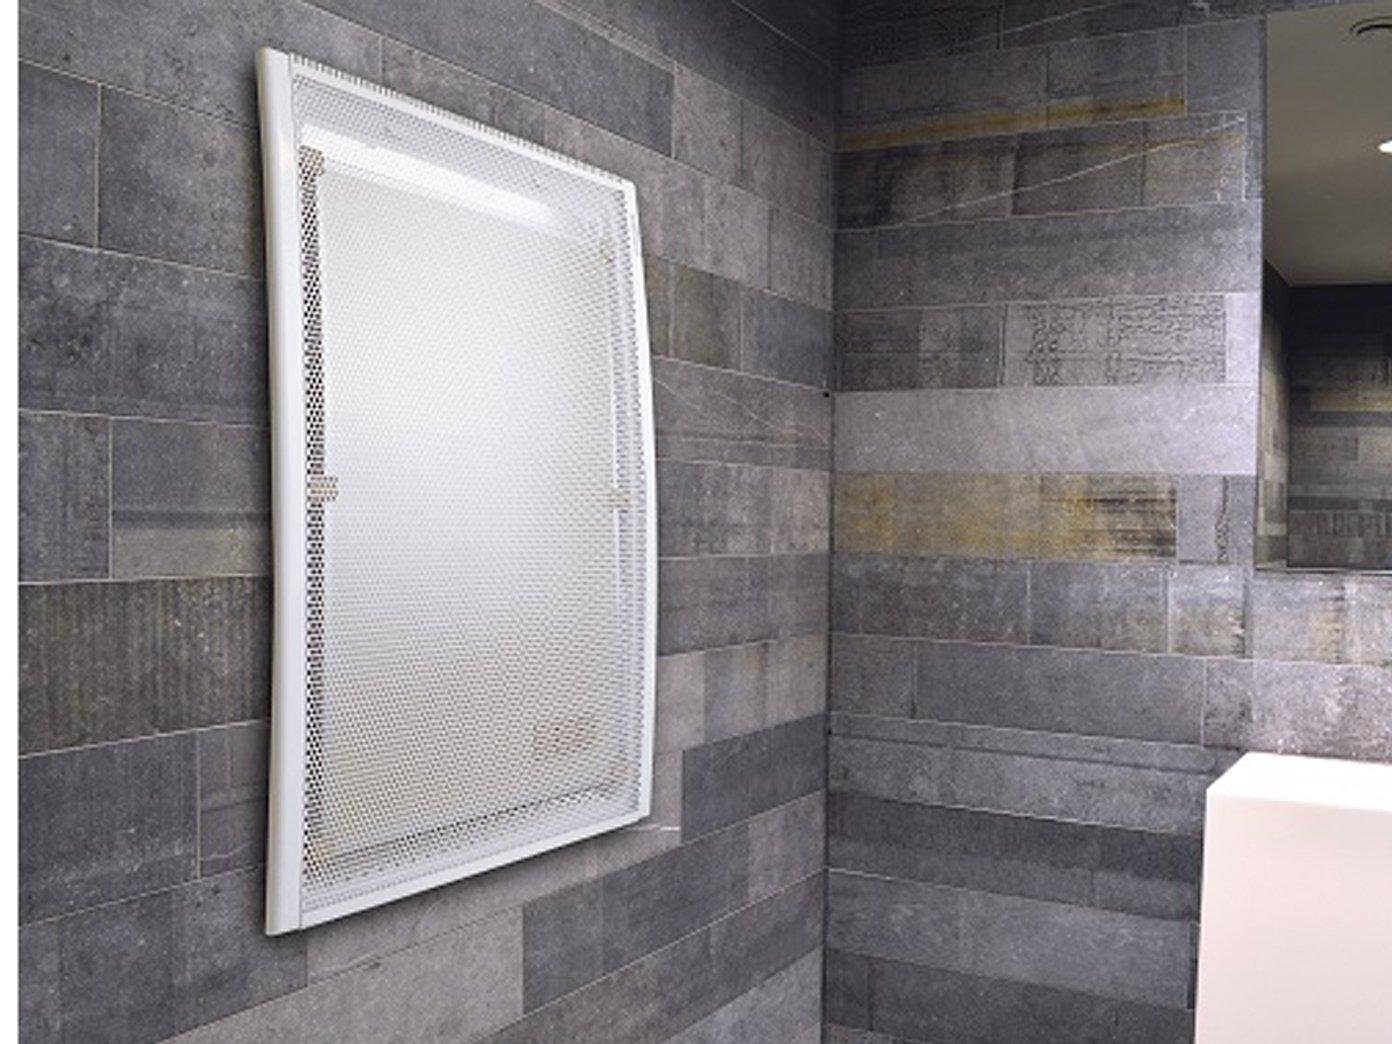 Wandheizung DOMO DO7317M Badezimmerheizung  BaumarktKundenbewertungen